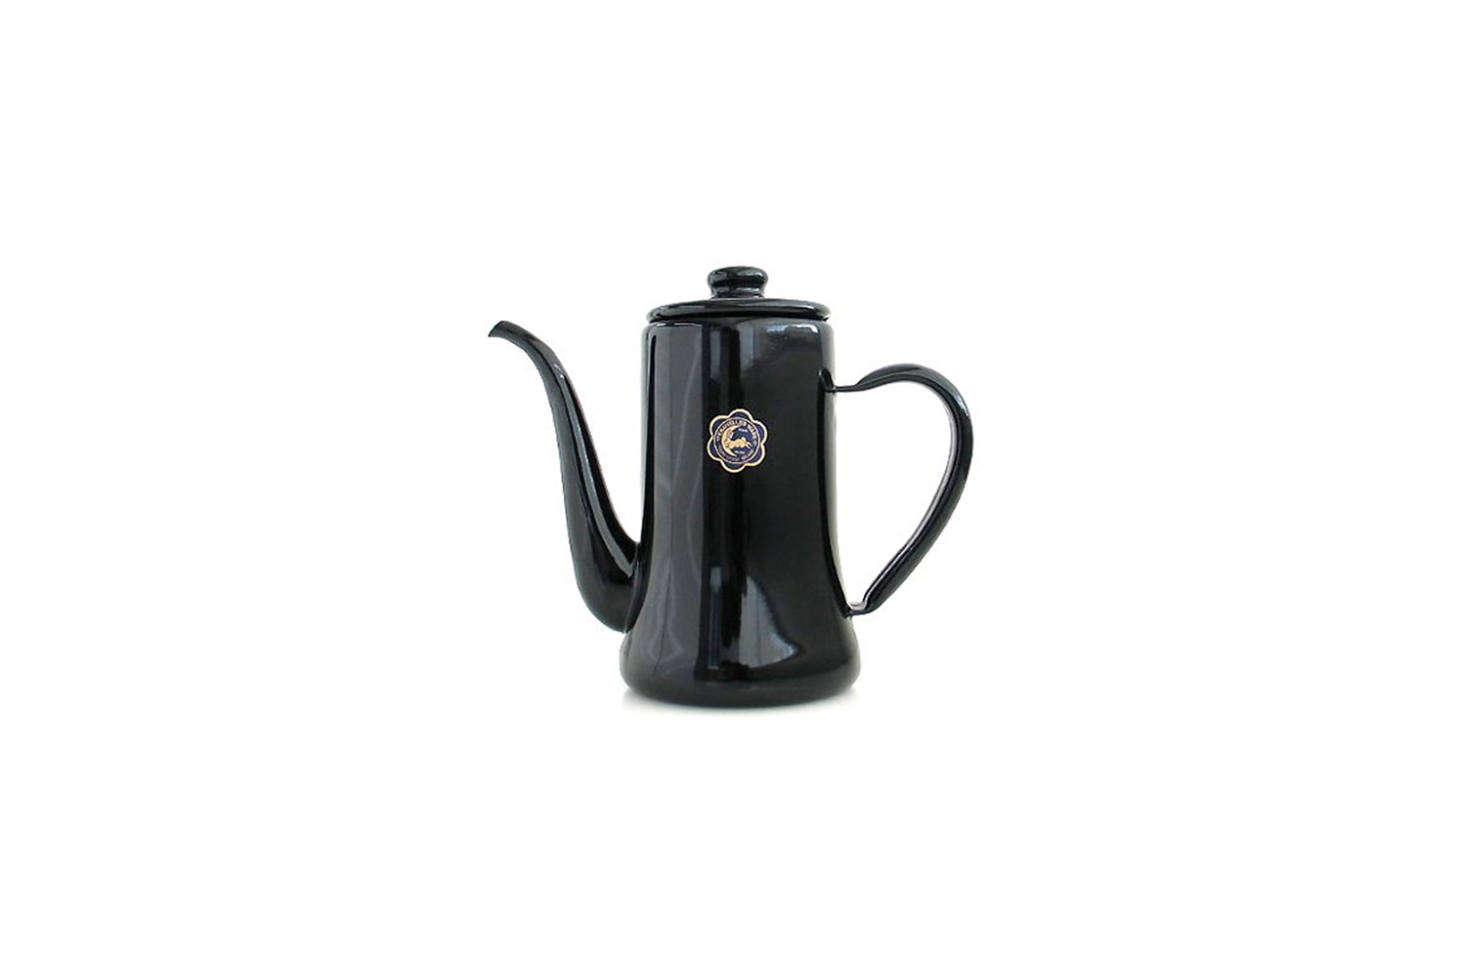 An enamel teapot we&#8